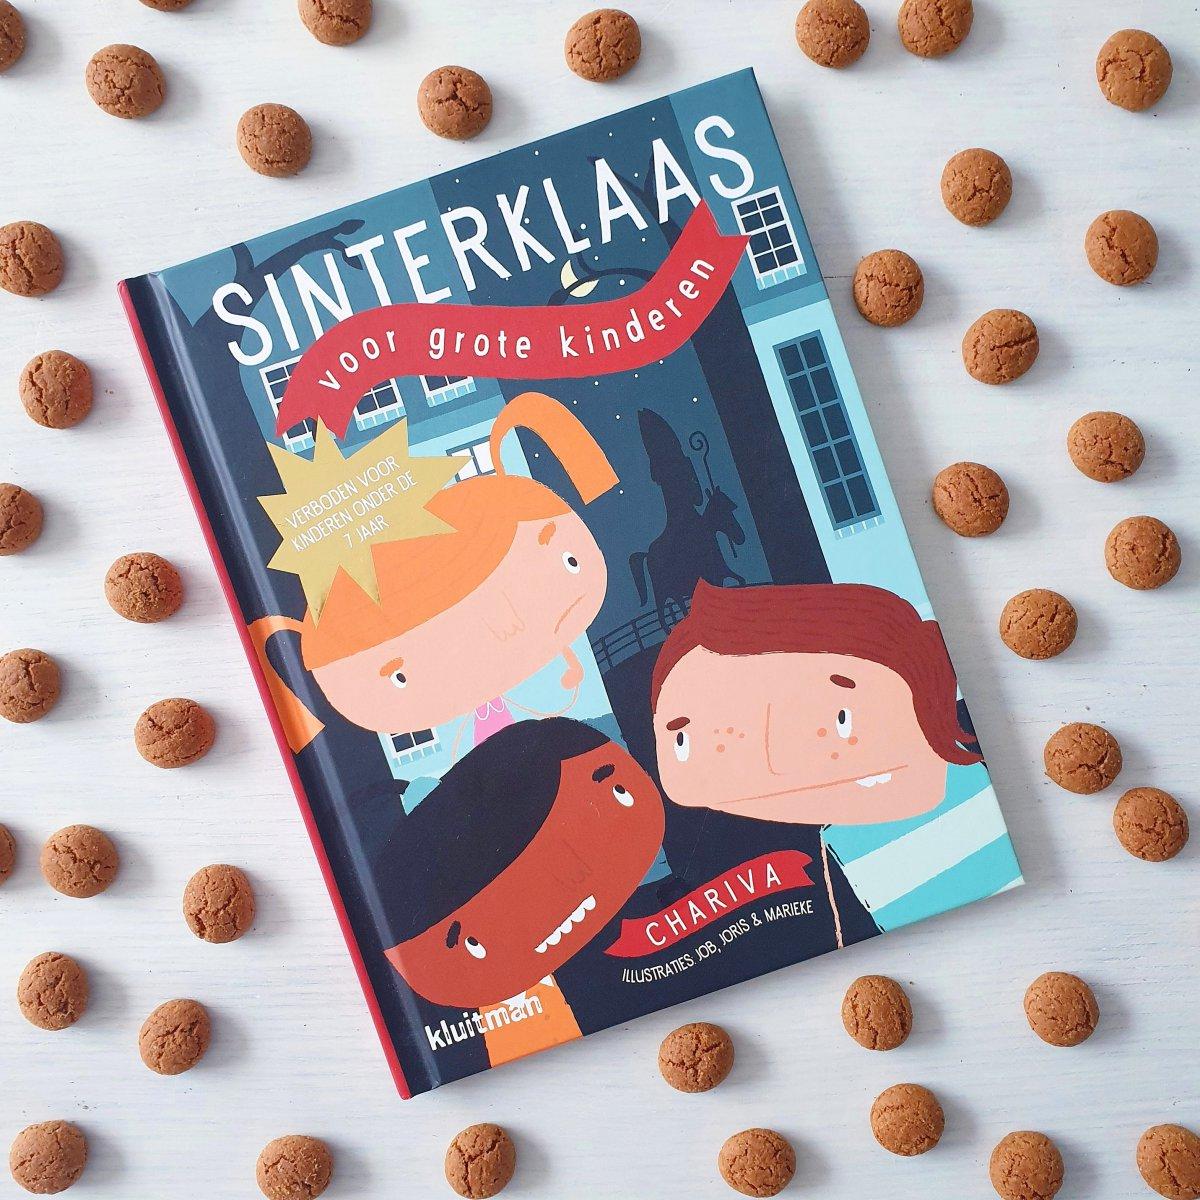 de leukste boeken over Sinterklaas - Sinterklaas voor grote kinderen, over het grote geheim